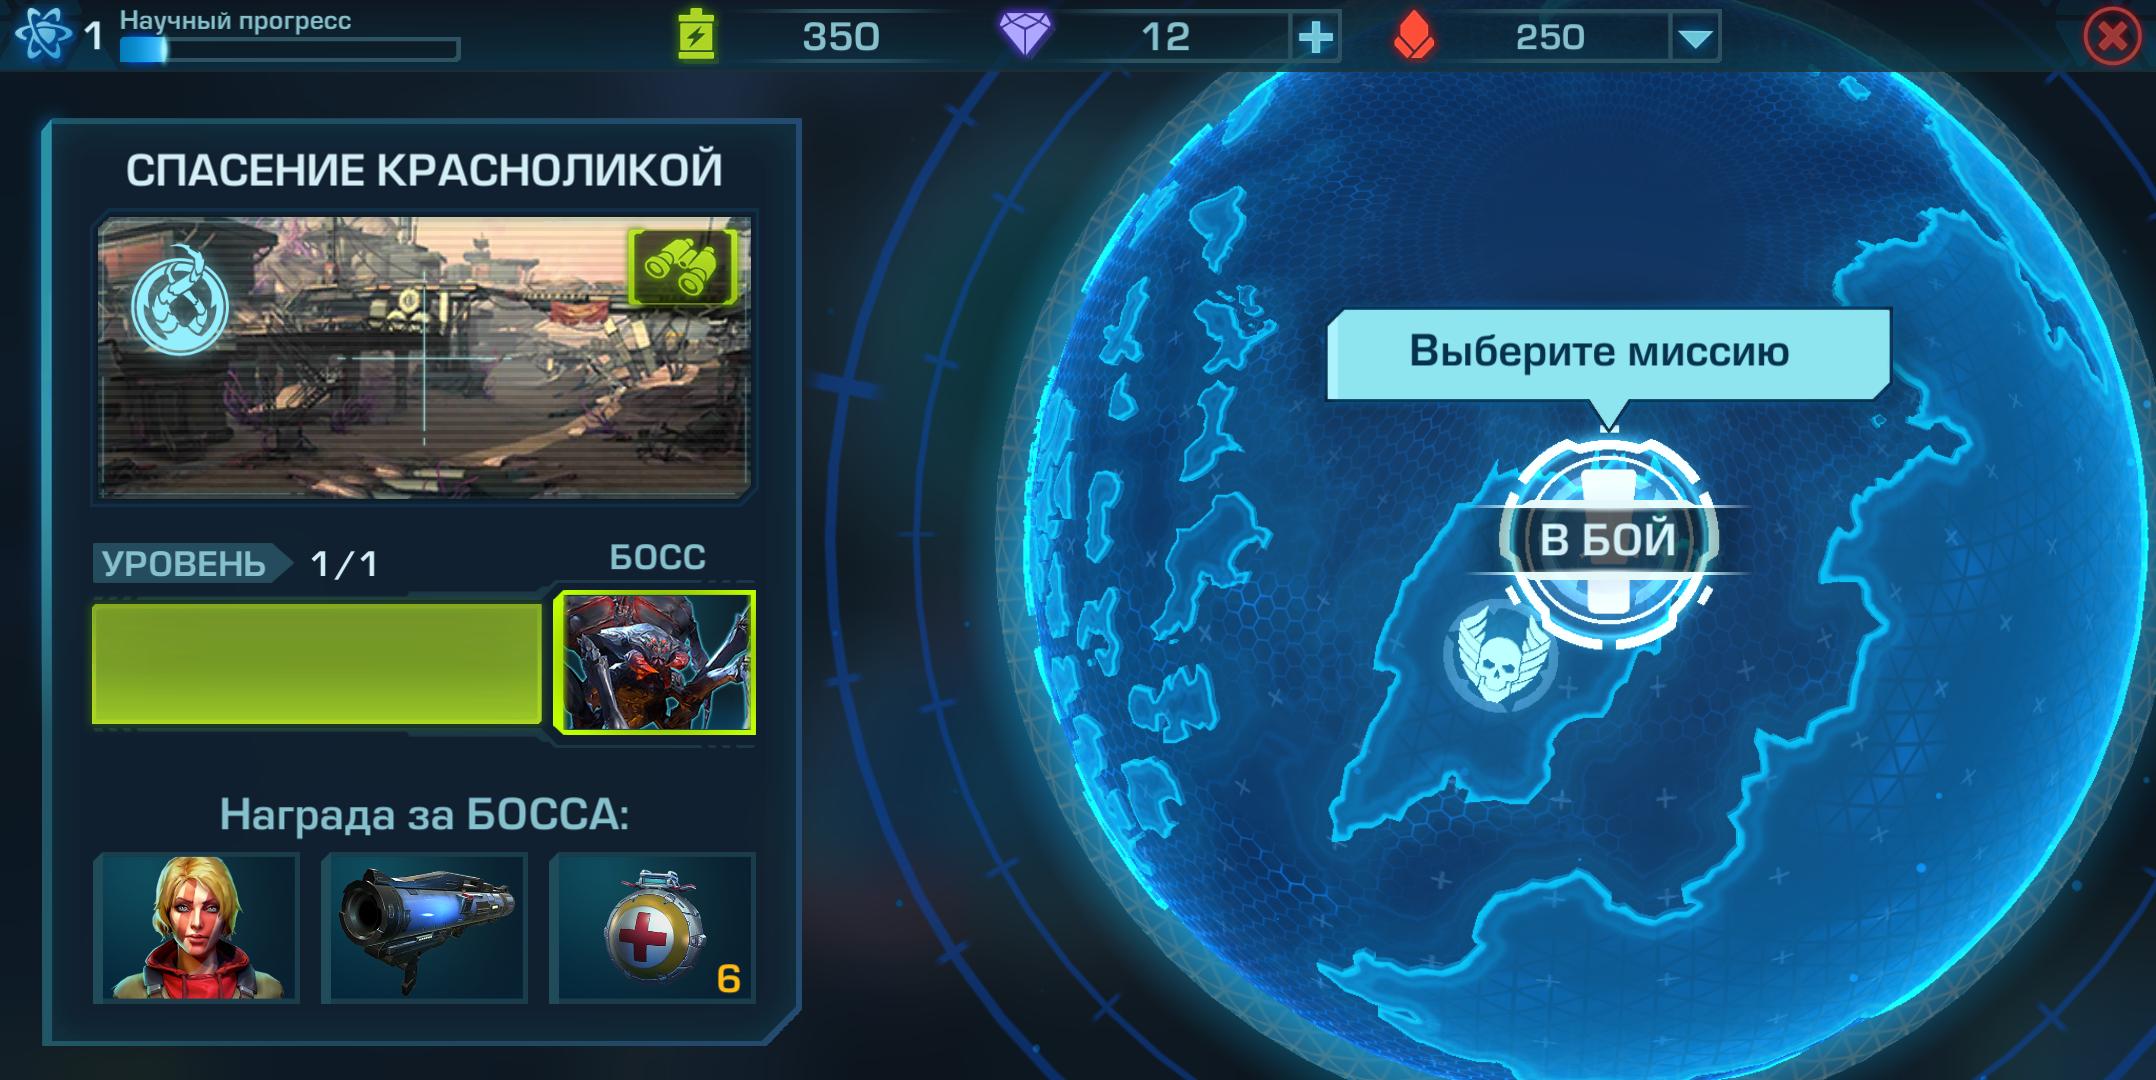 скачать взломанную игру убить босса 2 на андроид